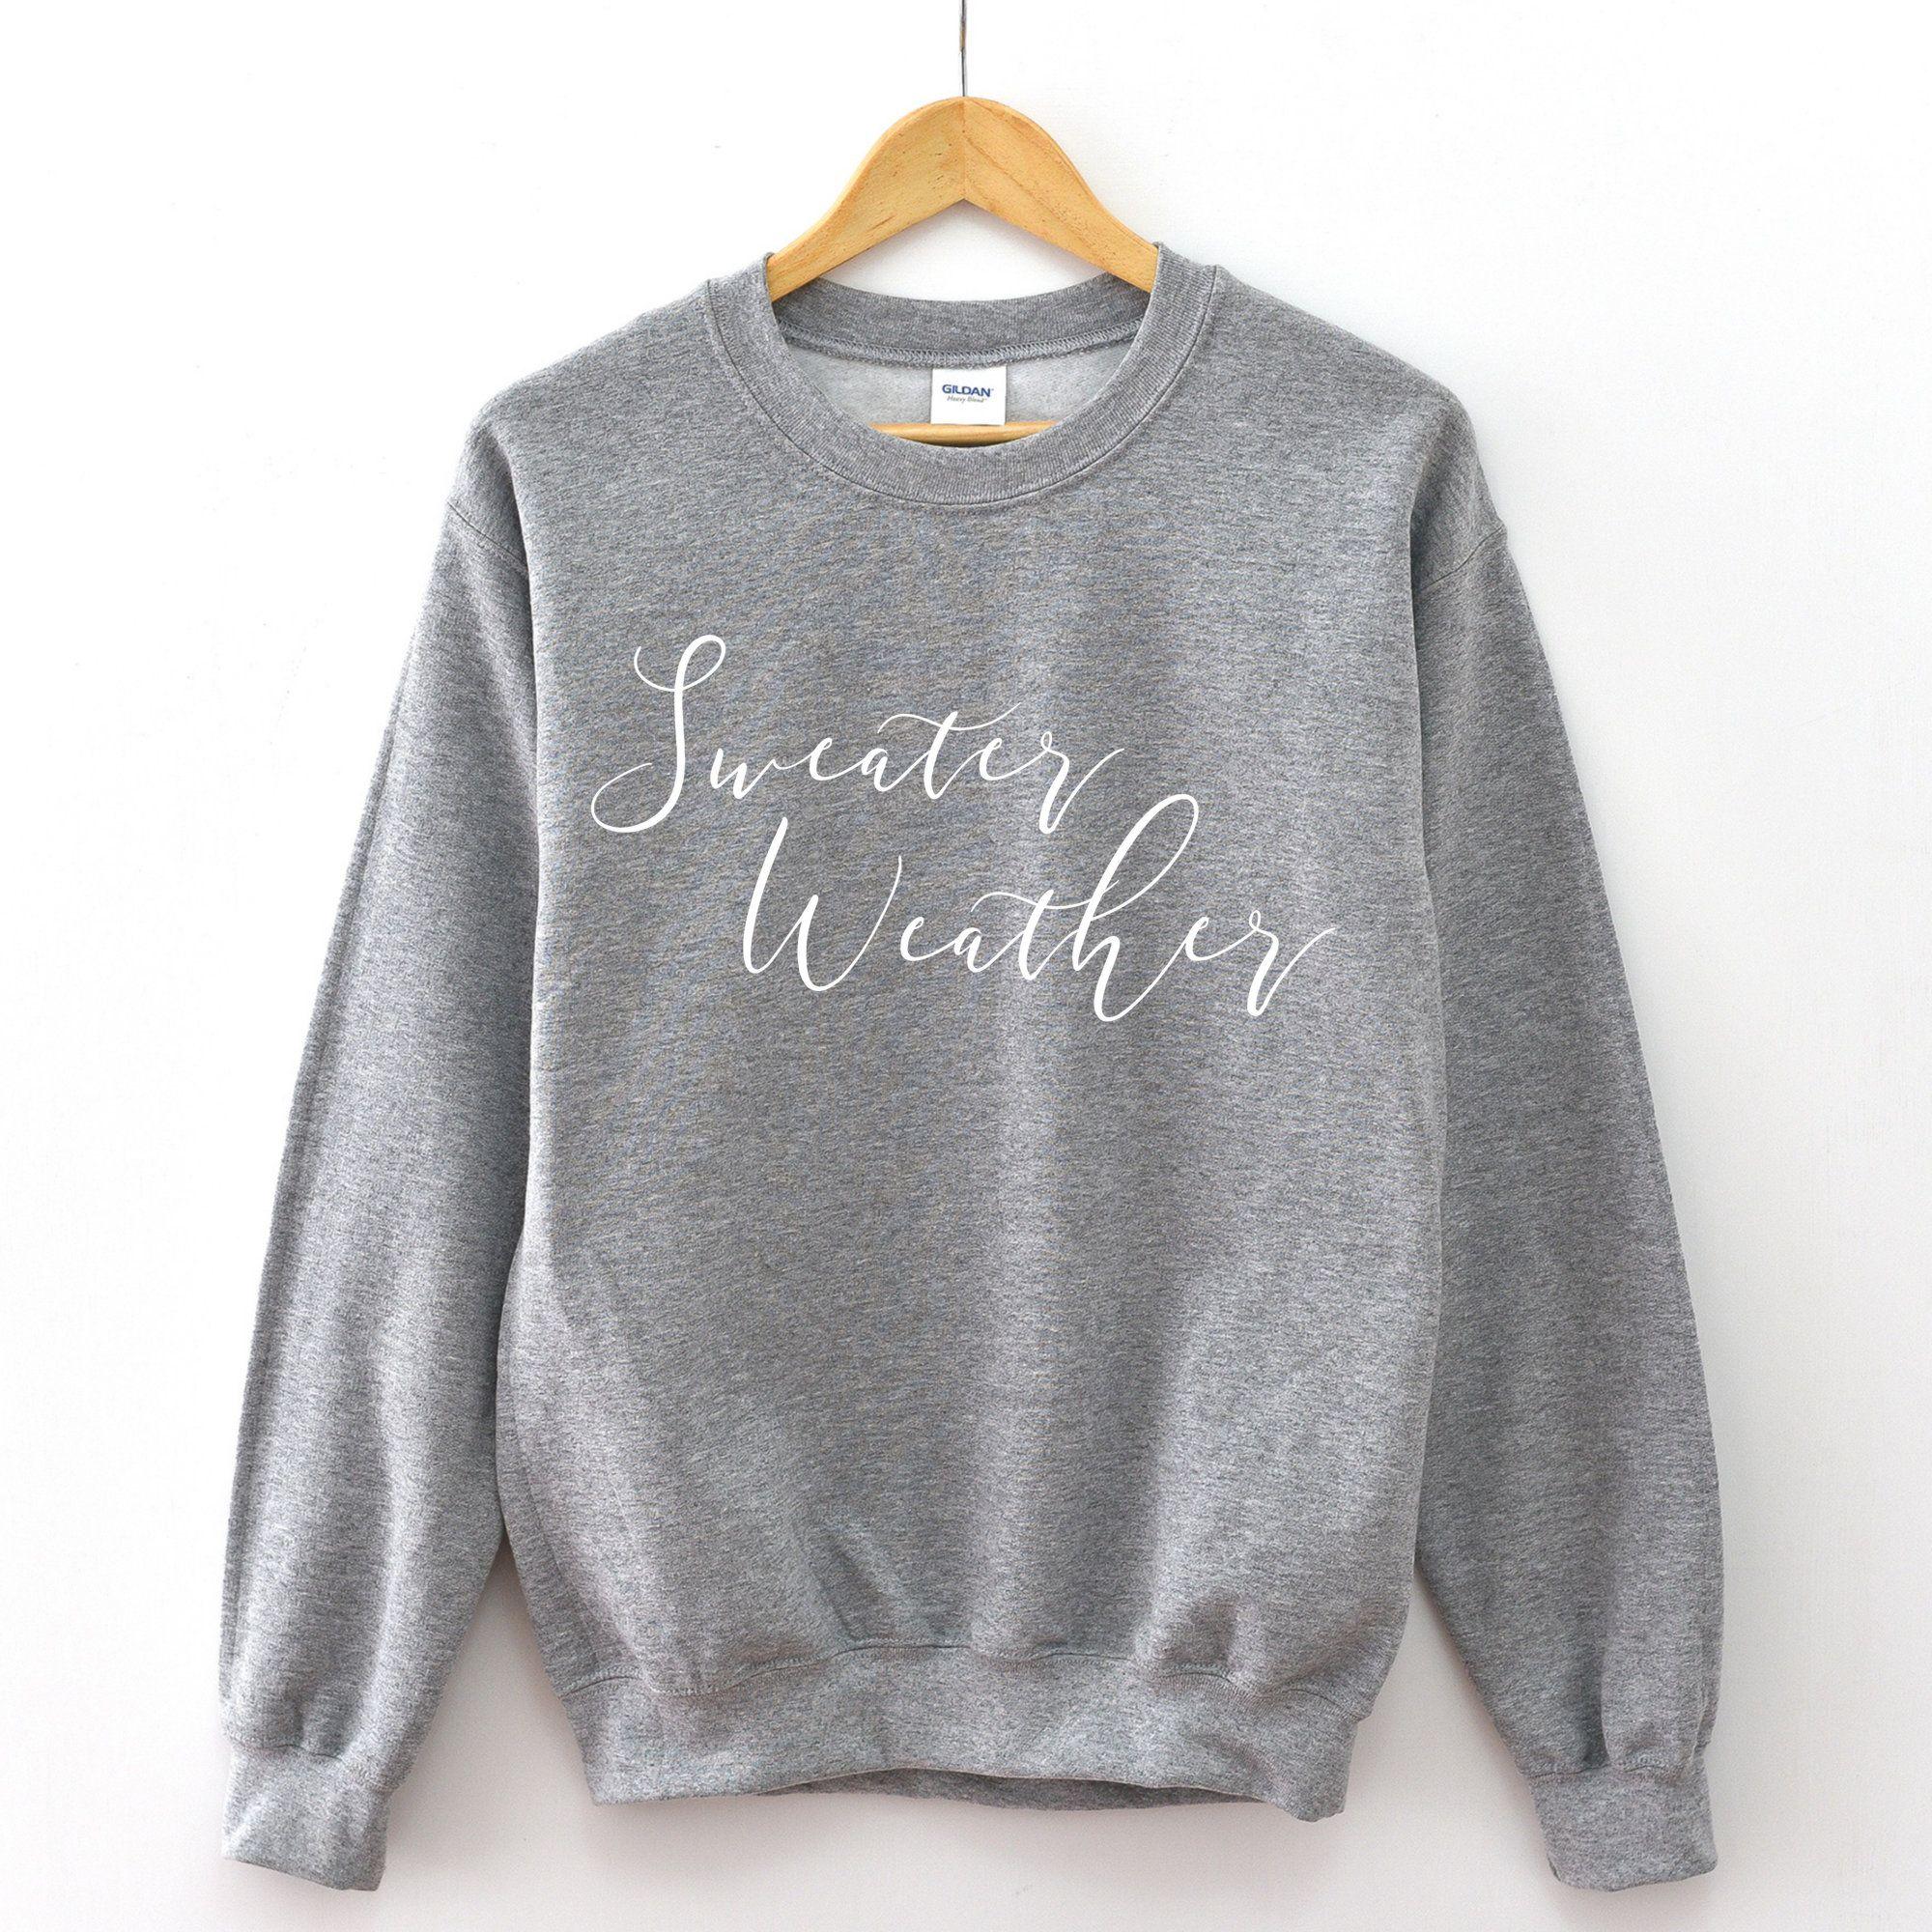 Oversized Sweatshirt Mama of Girls Sweatshirt Girl Mom Sweatshirt Mom Apparel Motherhood Sweatshirt Women/'s Pullover